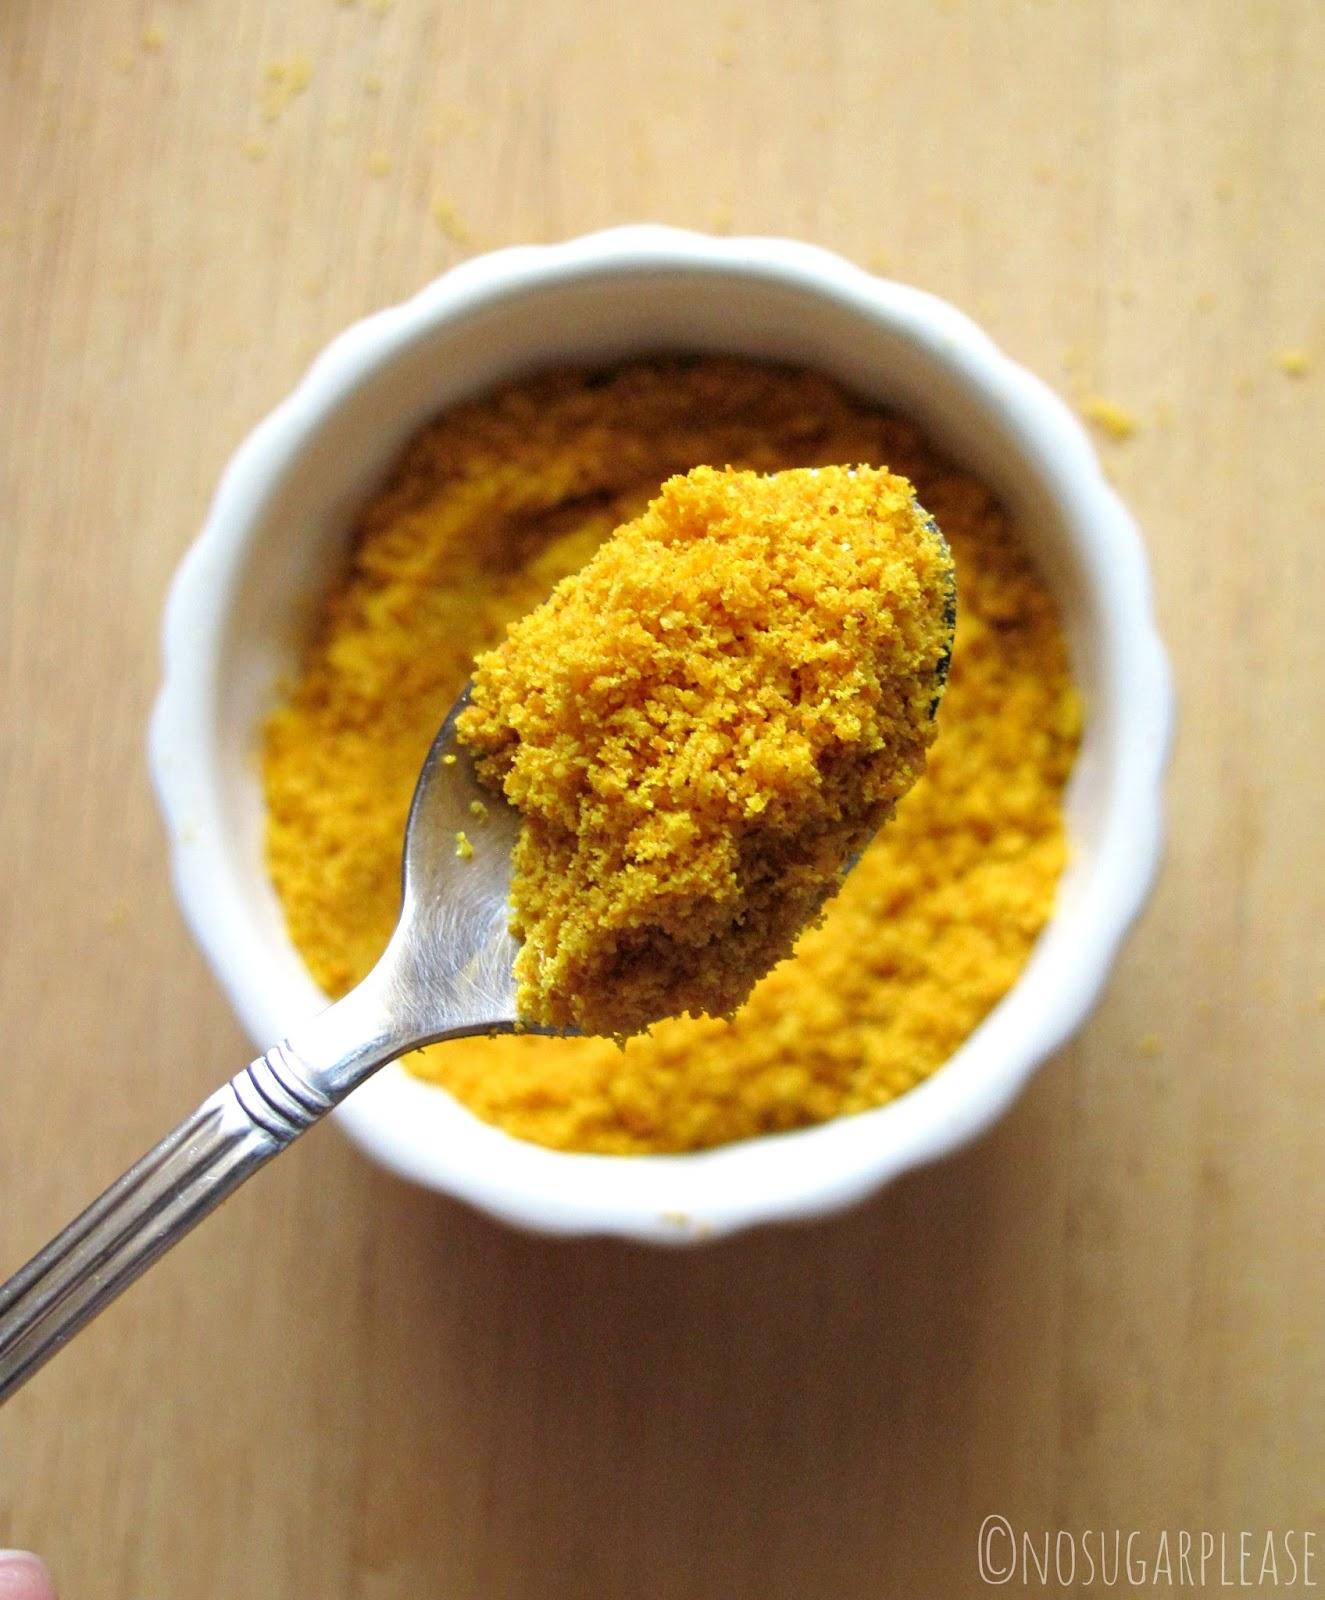 polvere buccia arancia